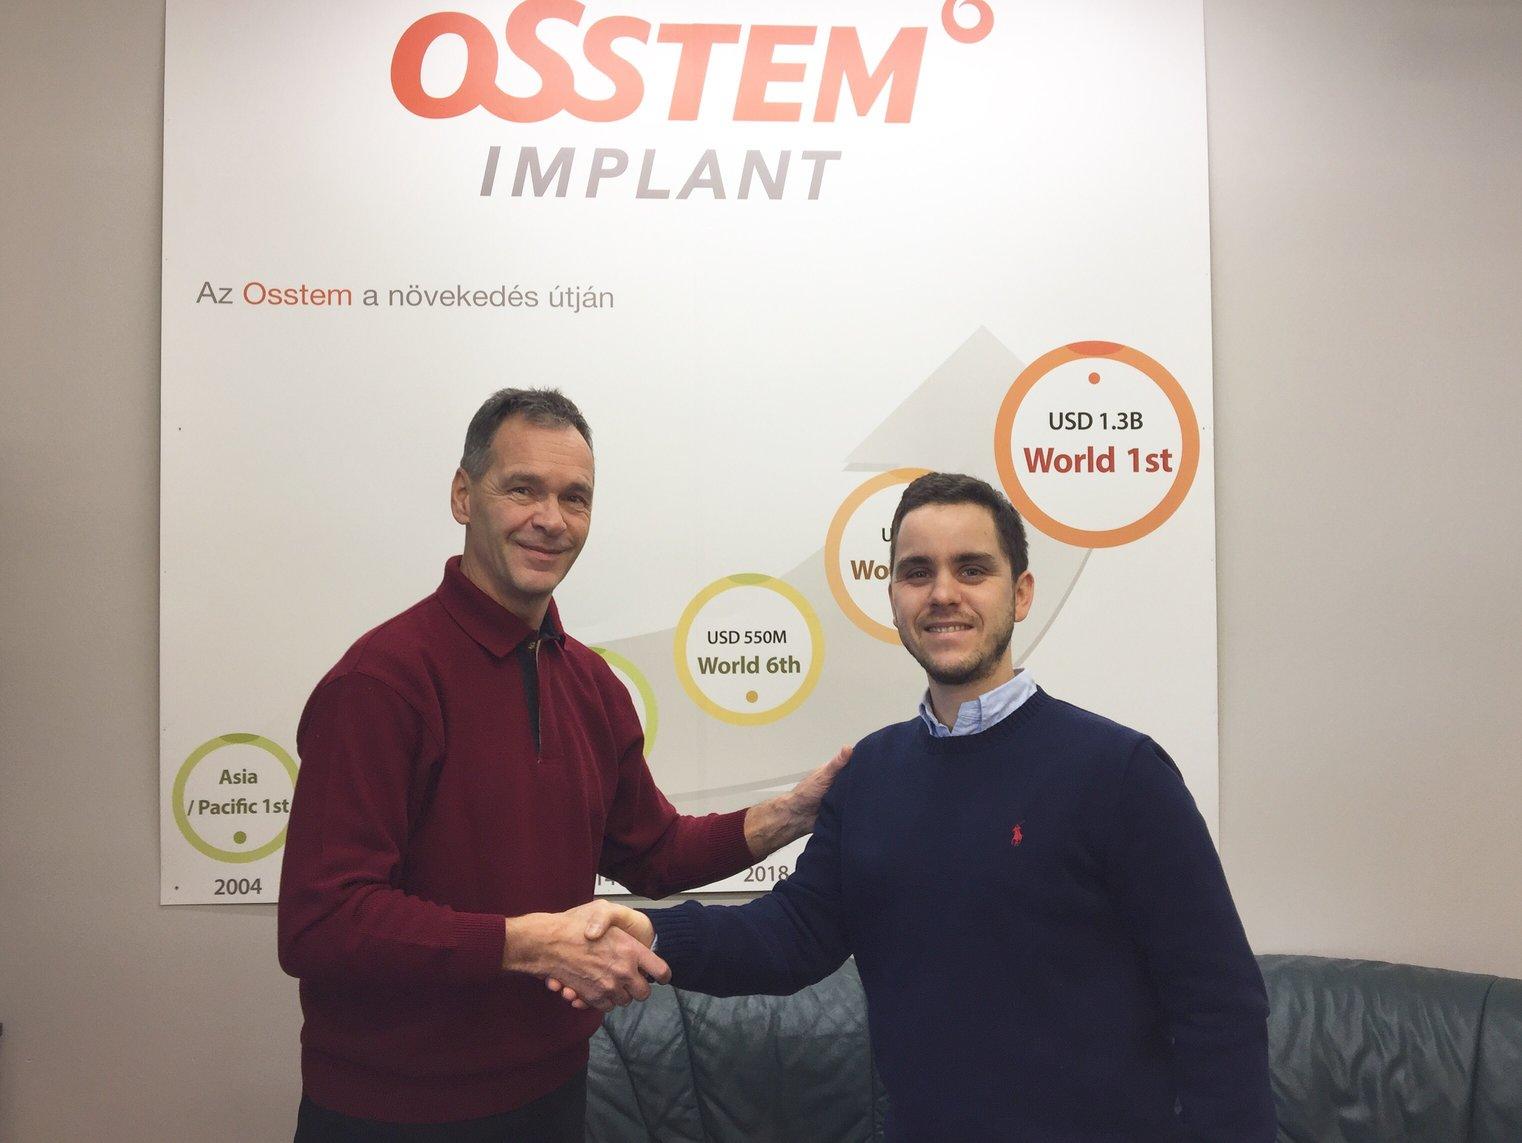 Dr. Varajti Artúr az Artdent Fogászat fogorvosa, szájsebésze kezet fog Lutter Ervinnel, a MERFOL ügyvezető igazgatójával.